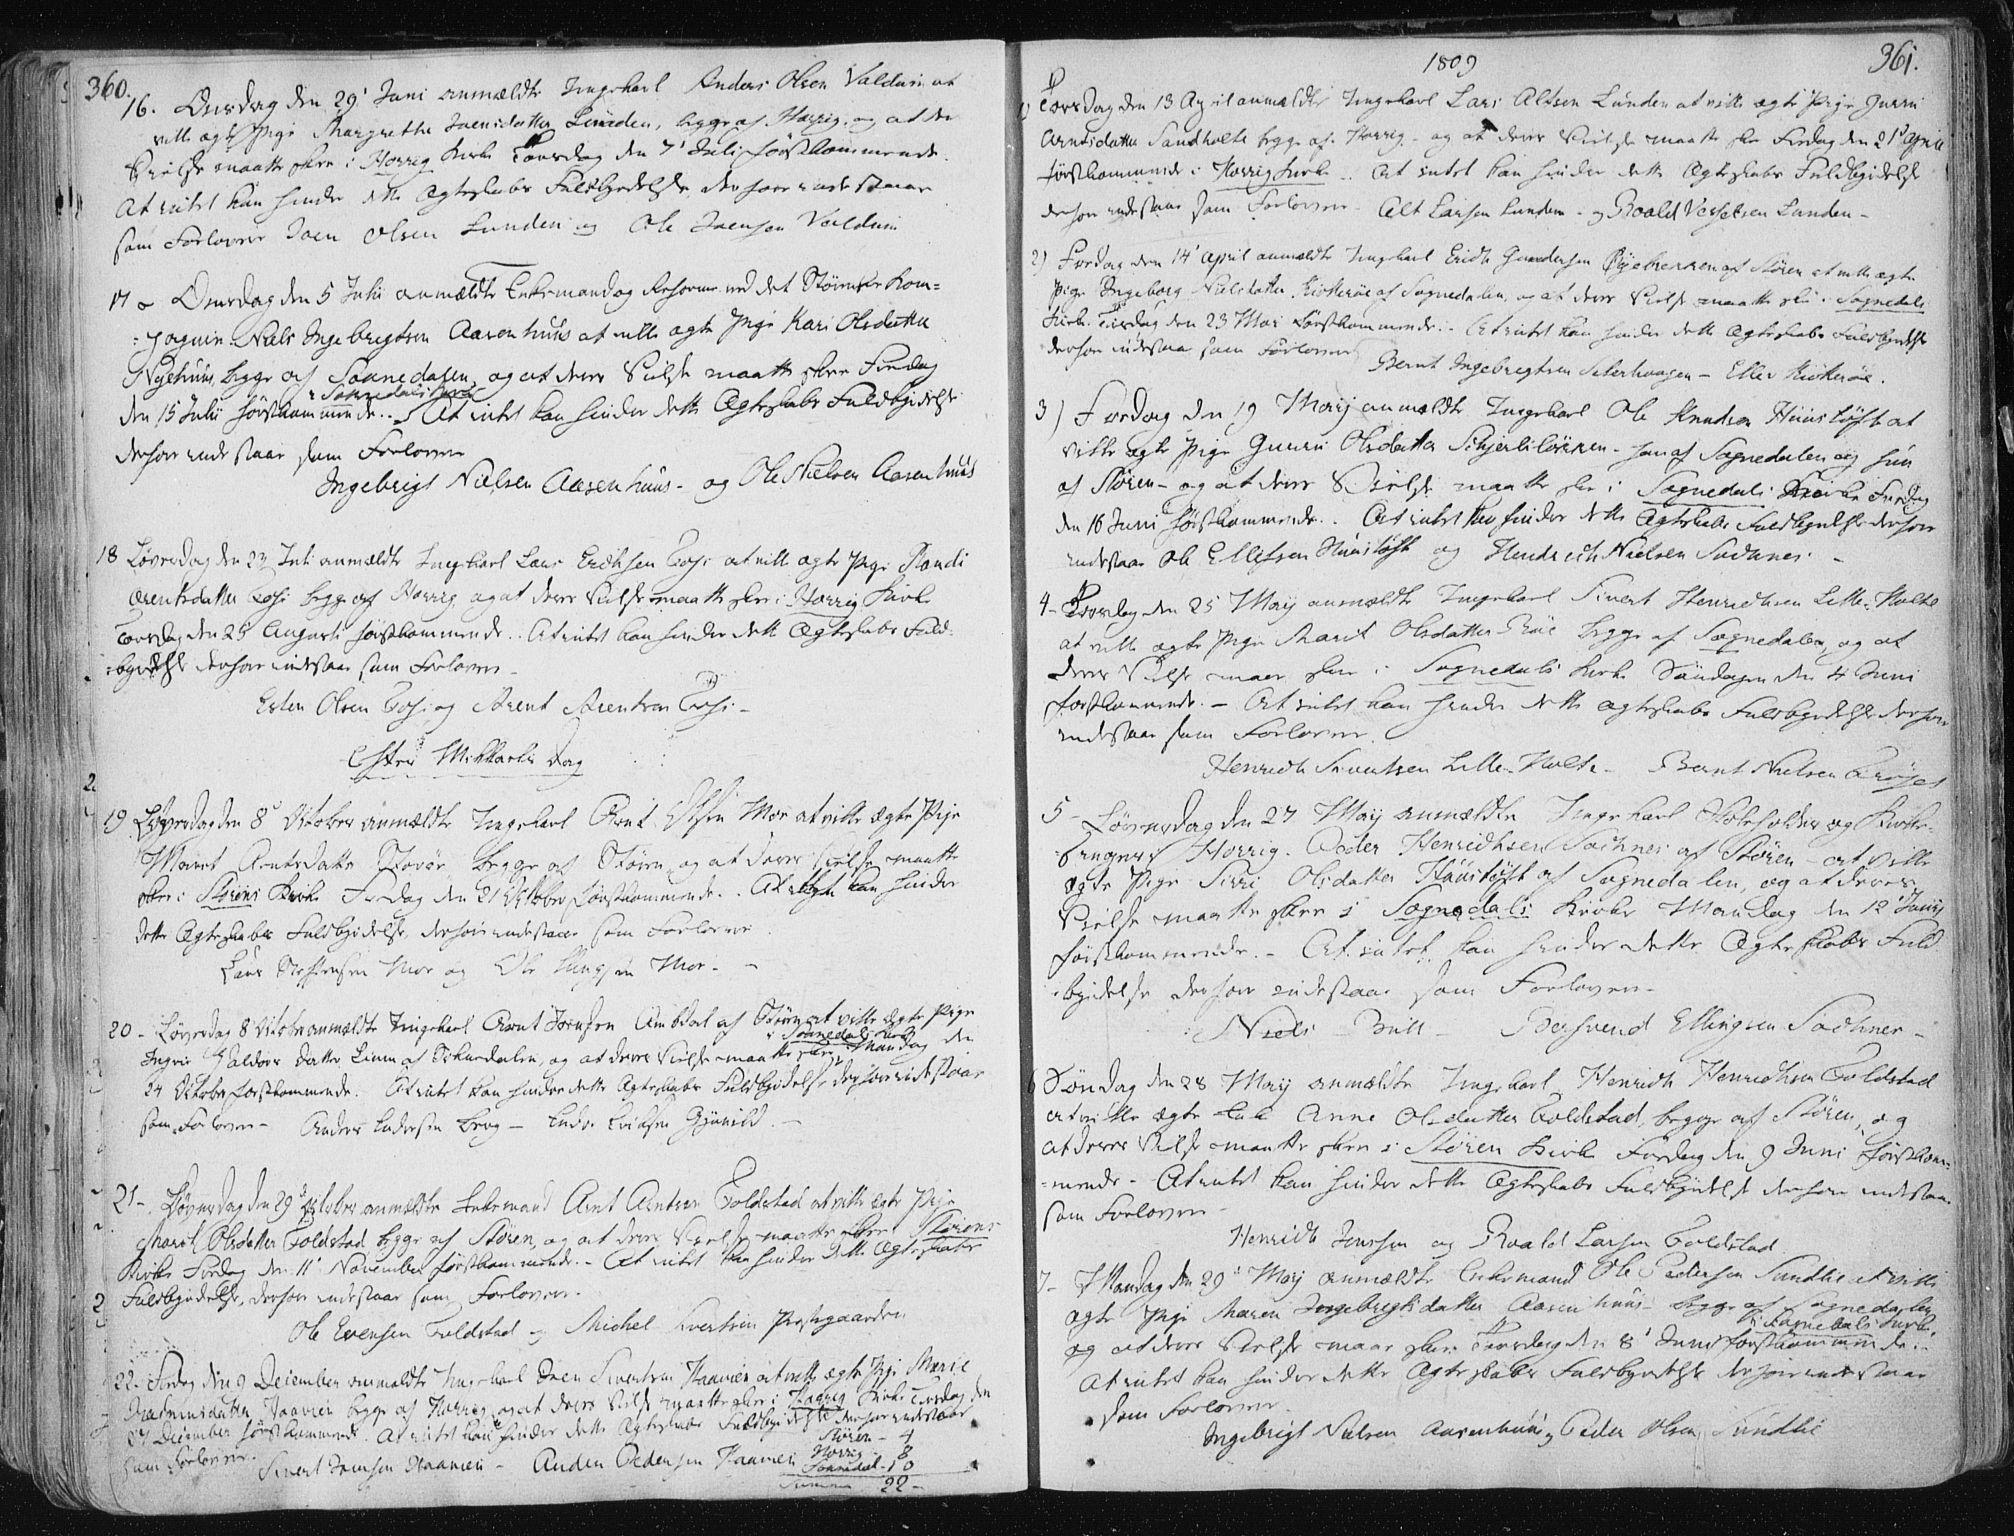 SAT, Ministerialprotokoller, klokkerbøker og fødselsregistre - Sør-Trøndelag, 687/L0992: Ministerialbok nr. 687A03 /1, 1788-1815, s. 360-361